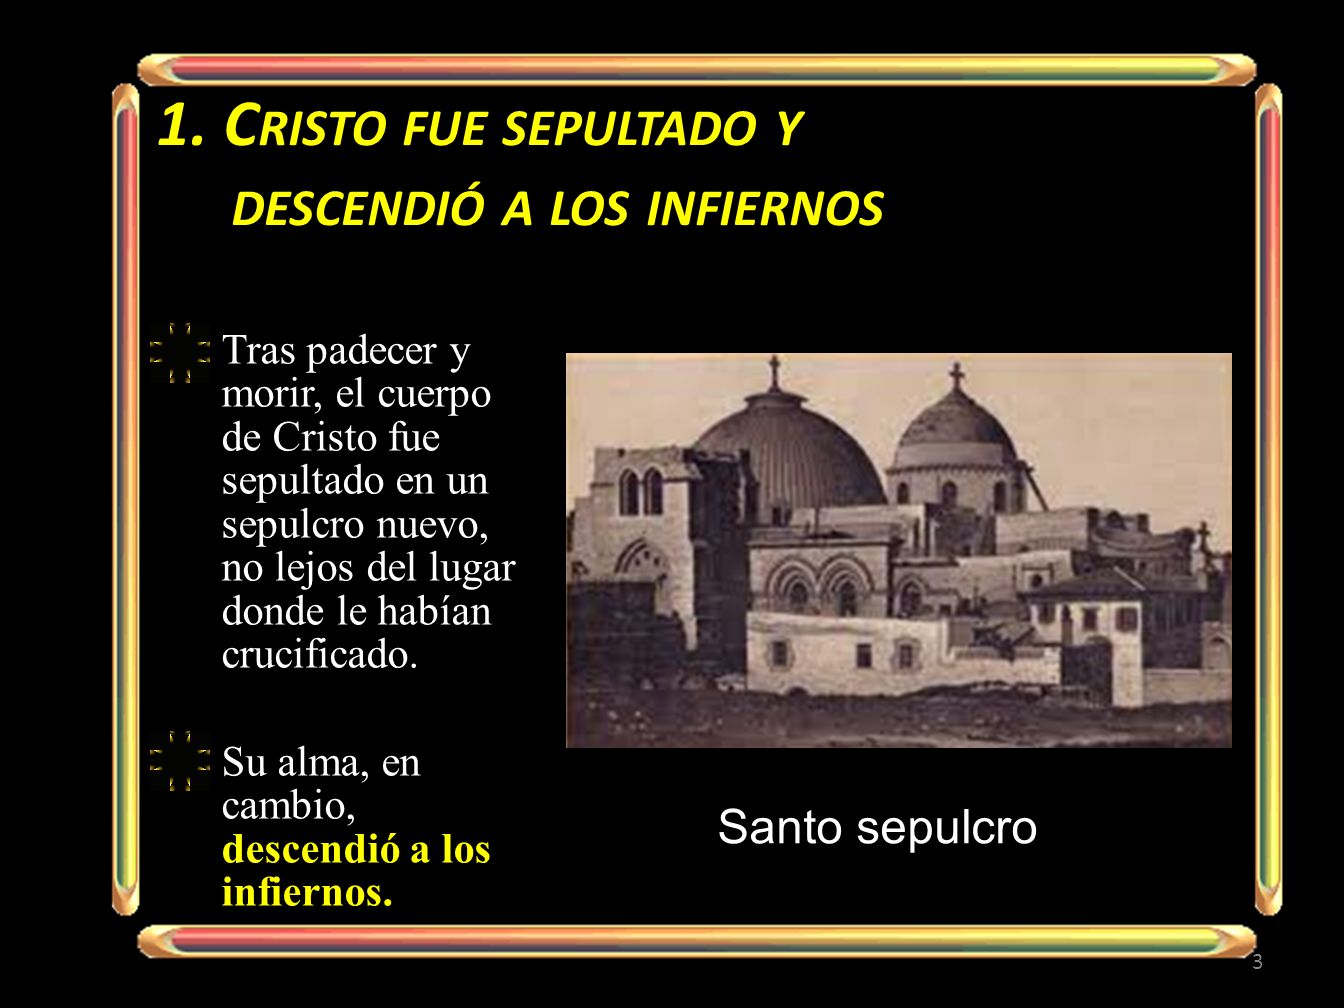 1. C RISTO FUE SEPULTADO Y DESCENDIÓ A LOS INFIERNOS Tras padecer y morir, el cuerpo de Cristo fue sepultado en un sepulcro nuevo, no lejos del lugar